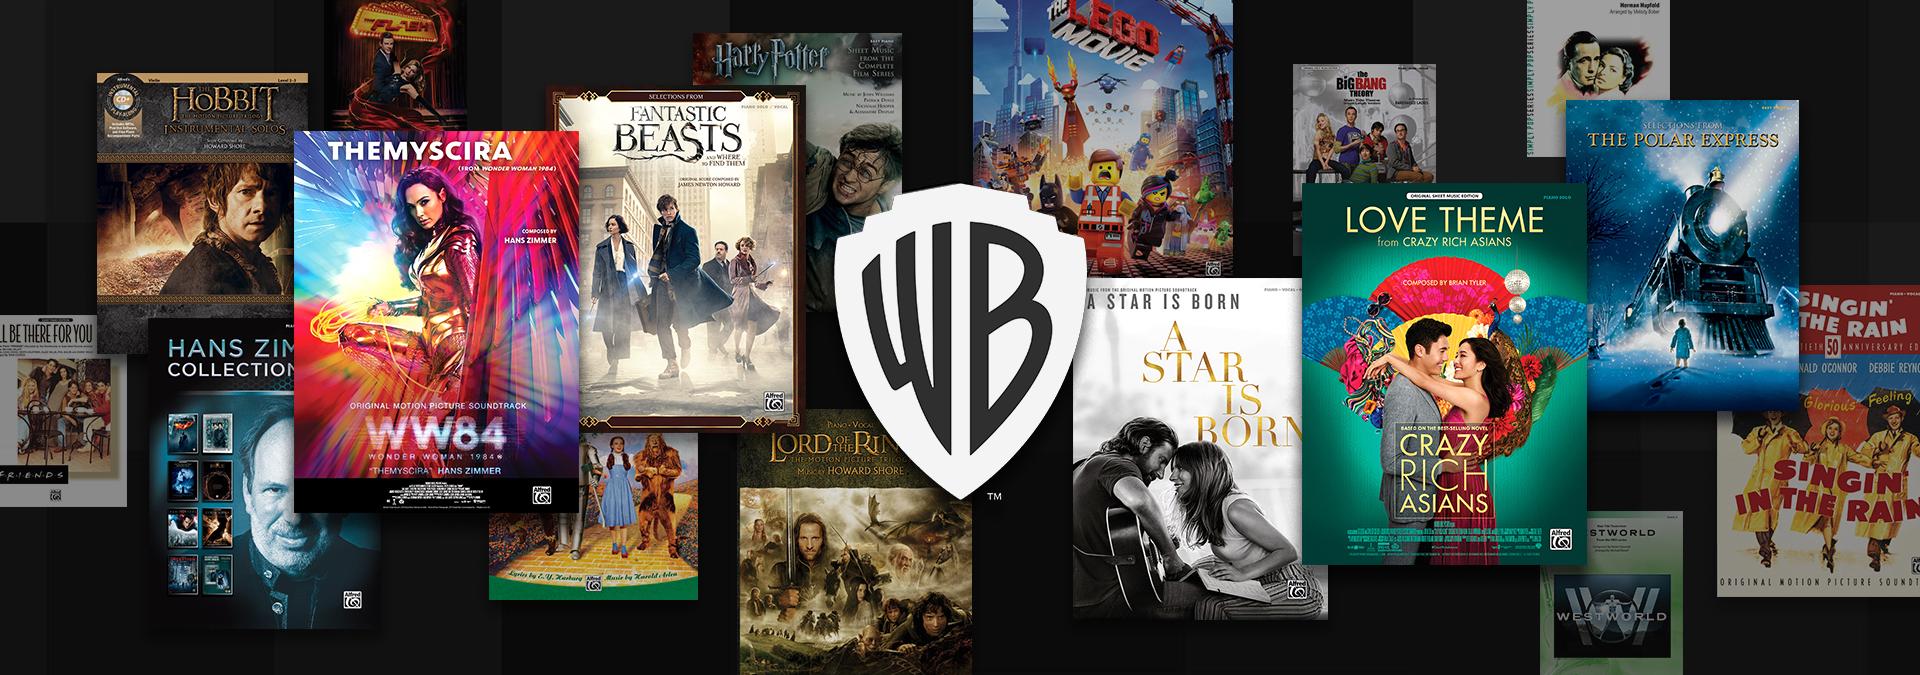 Warner Bros. Sheet Music